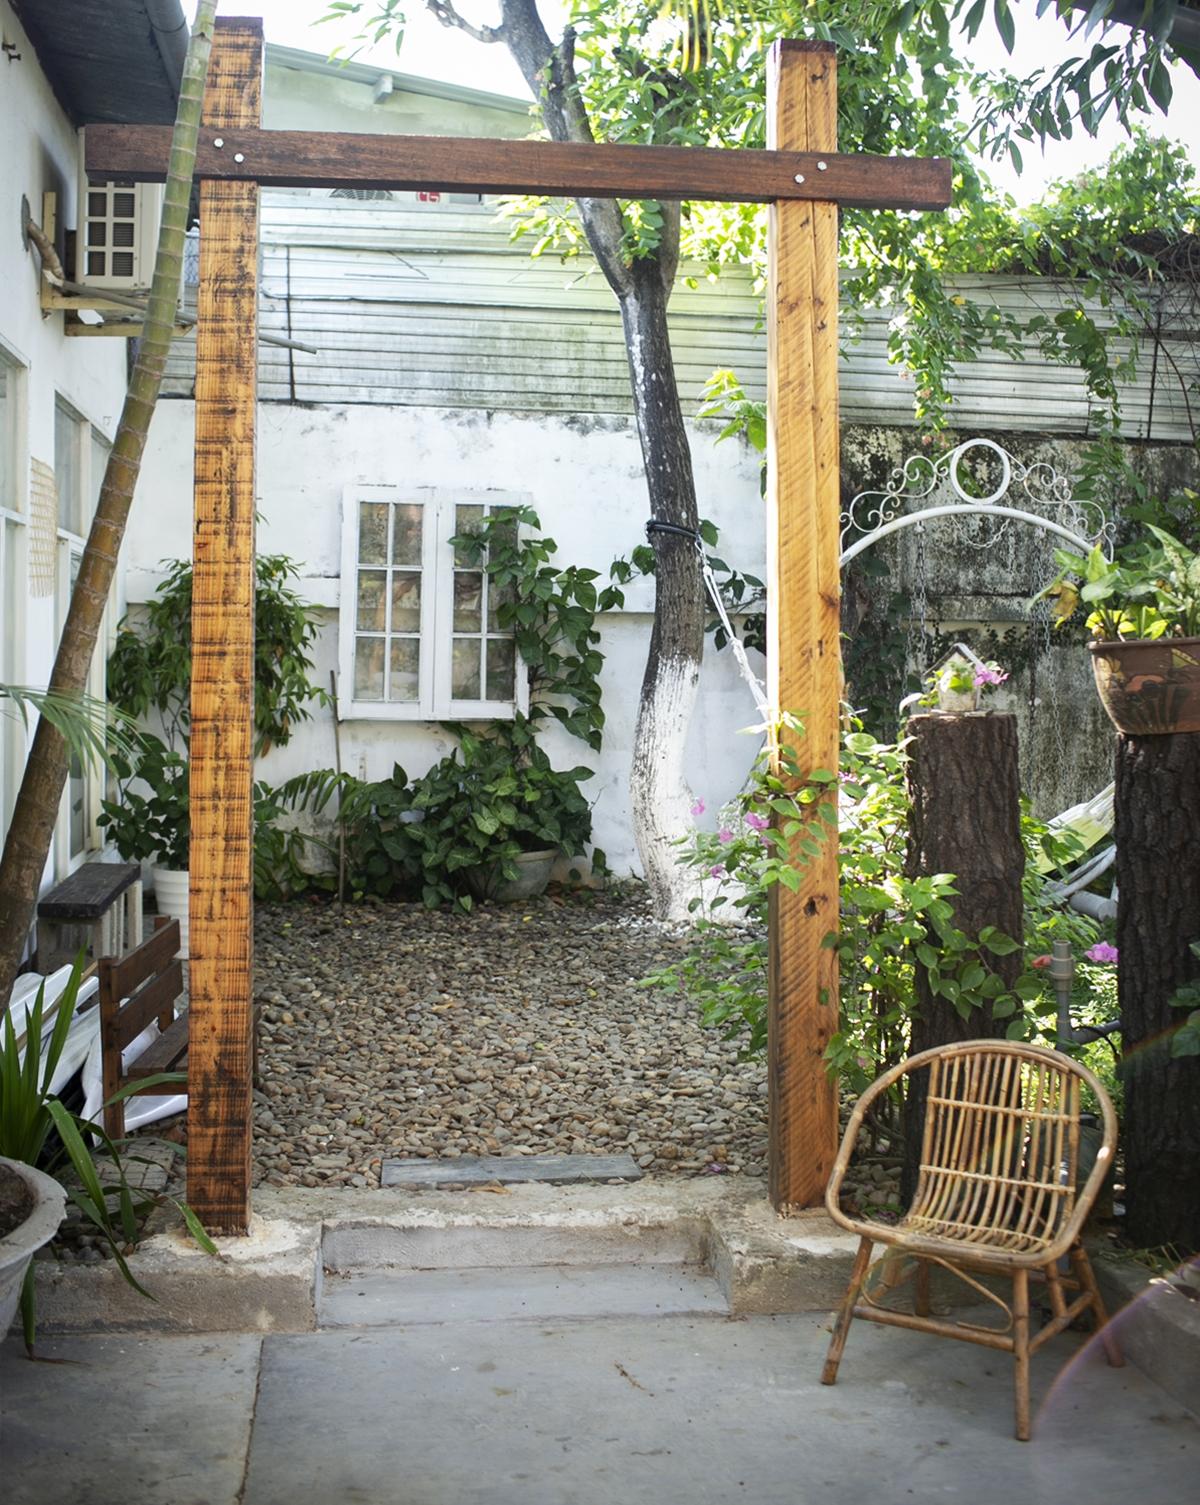 Ngôi nhà nối liền với khu vườn rợp bóng cây, du khách có thể tìm cho mình nhiều góc thưởng trà, trò chuyện, đung đưa võng đọc sách, tổ chức tiệc nhỏ ngoài trời (tối đa 30 người) hoặc cùng nhau xem phim dưới ánh đèn lung linh.